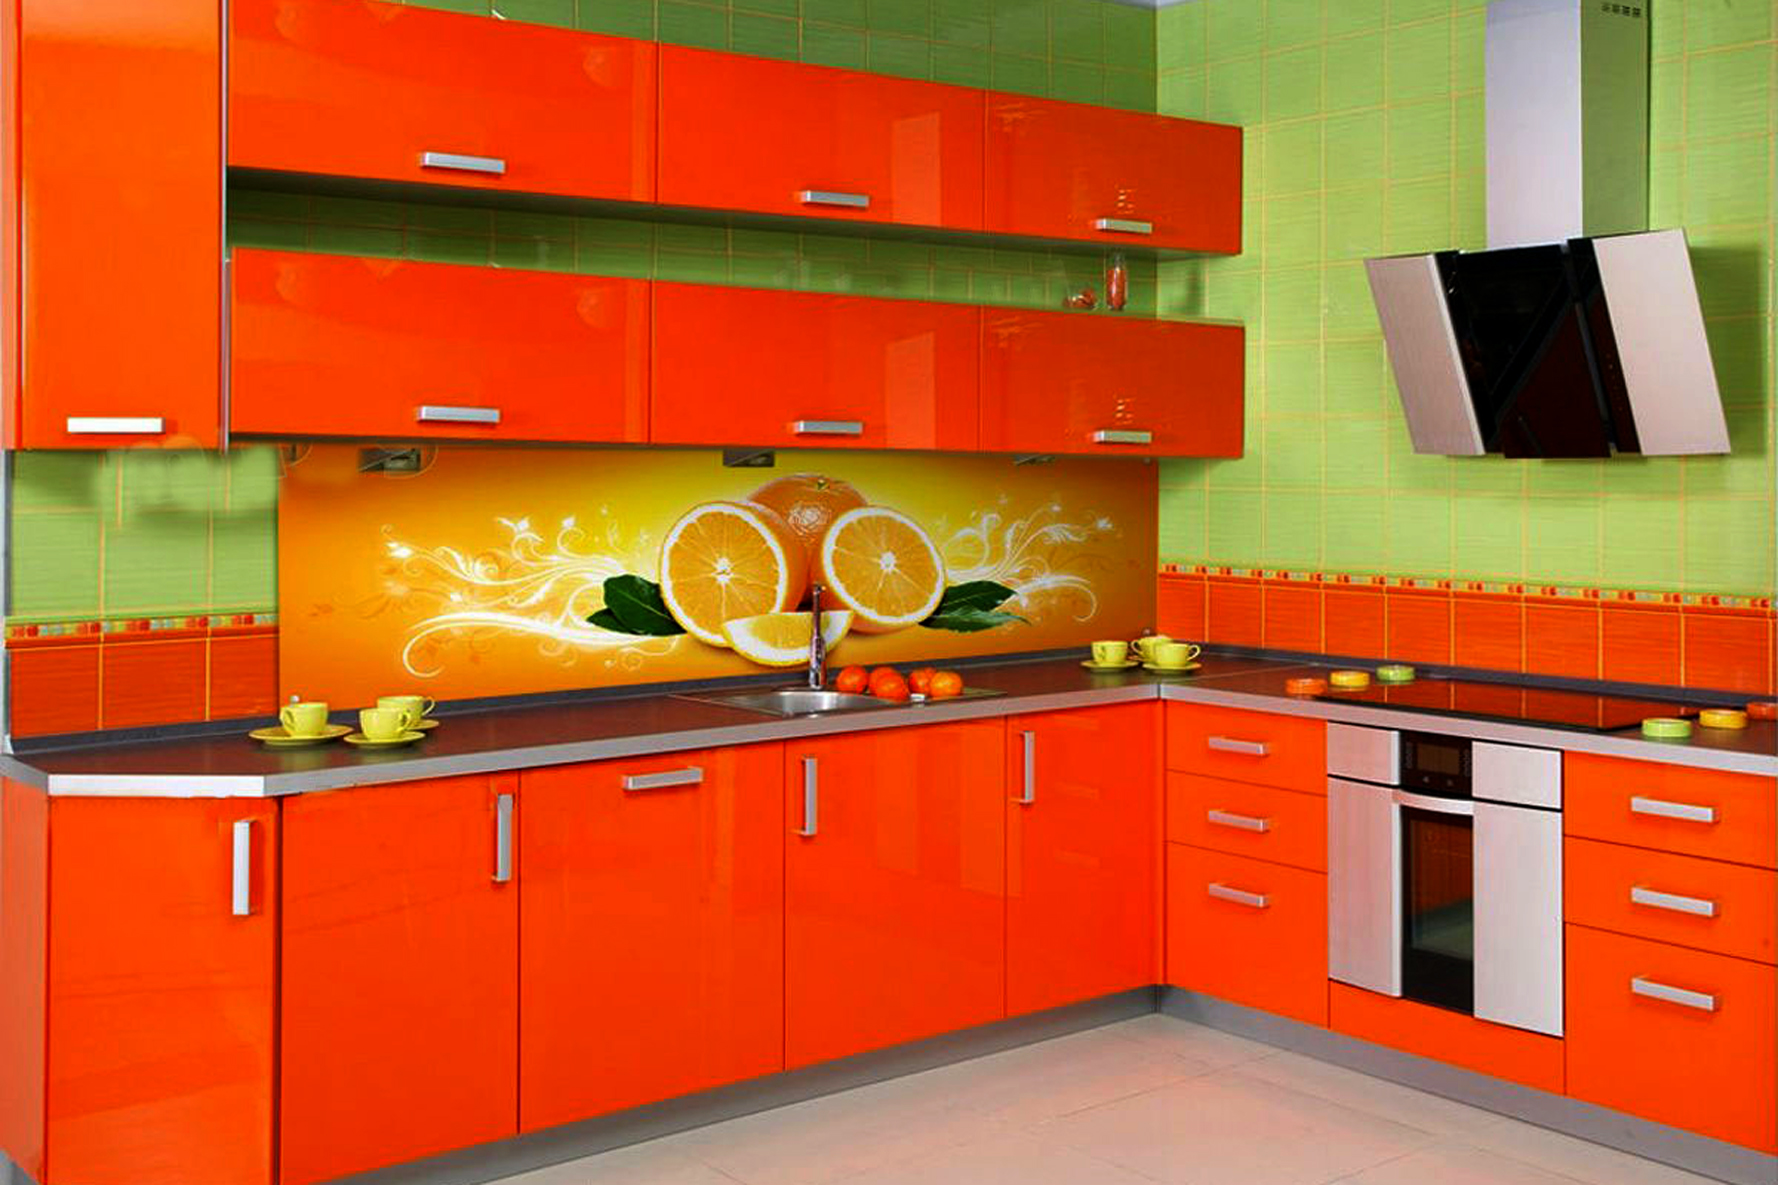 Дизайн кухни в оранжевых тонах фото